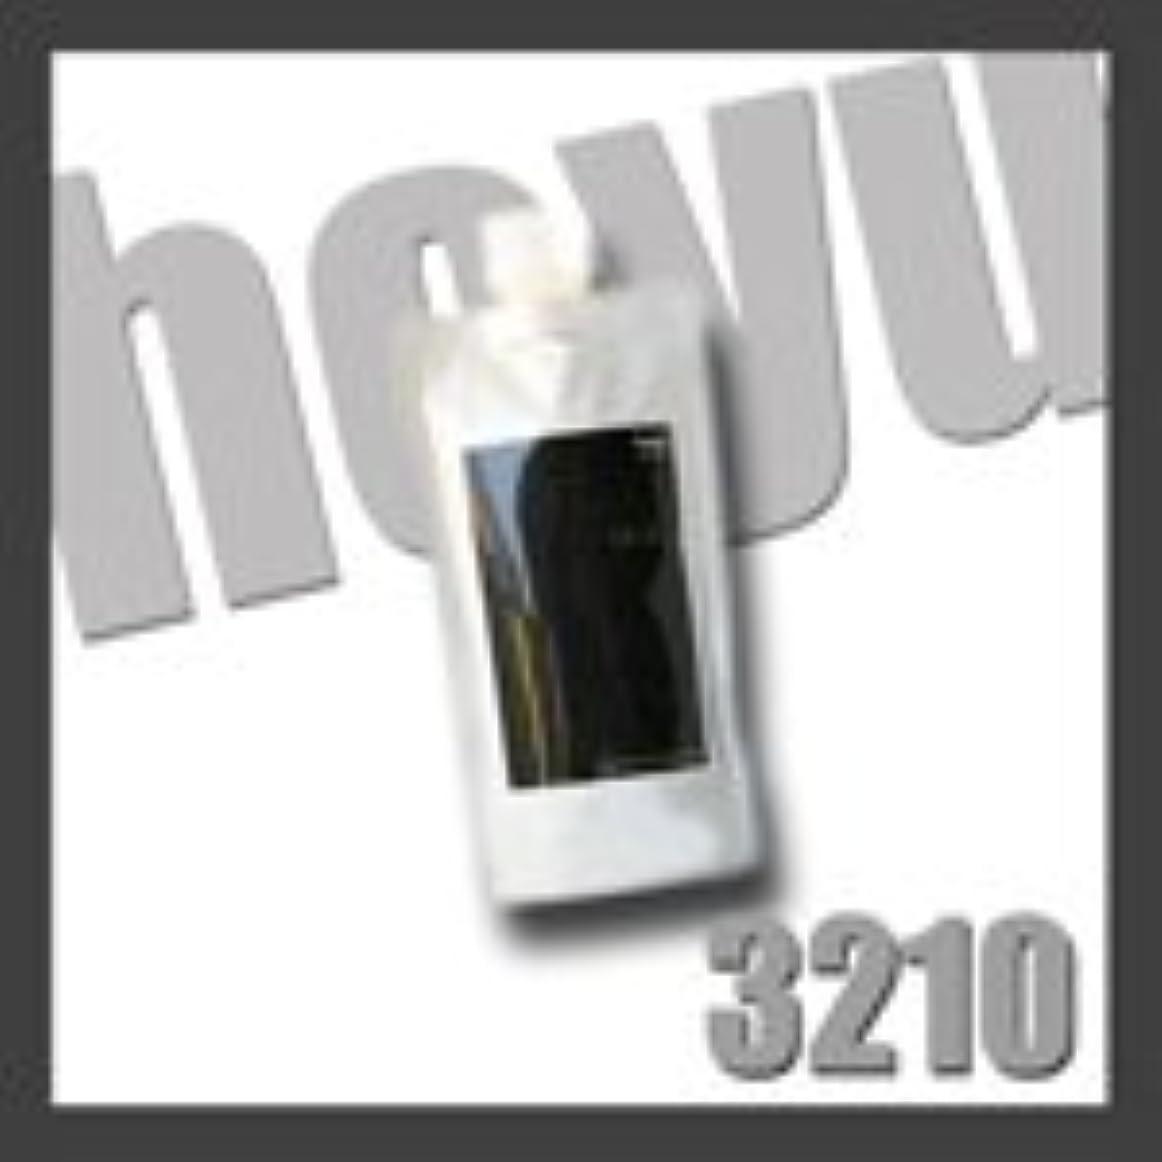 五十メナジェリーボウリングHOYU ホーユー 3210 ミニーレ ウルトラハード ワックス レフィル 200g 詰替用 フィニッシュワークシリーズ